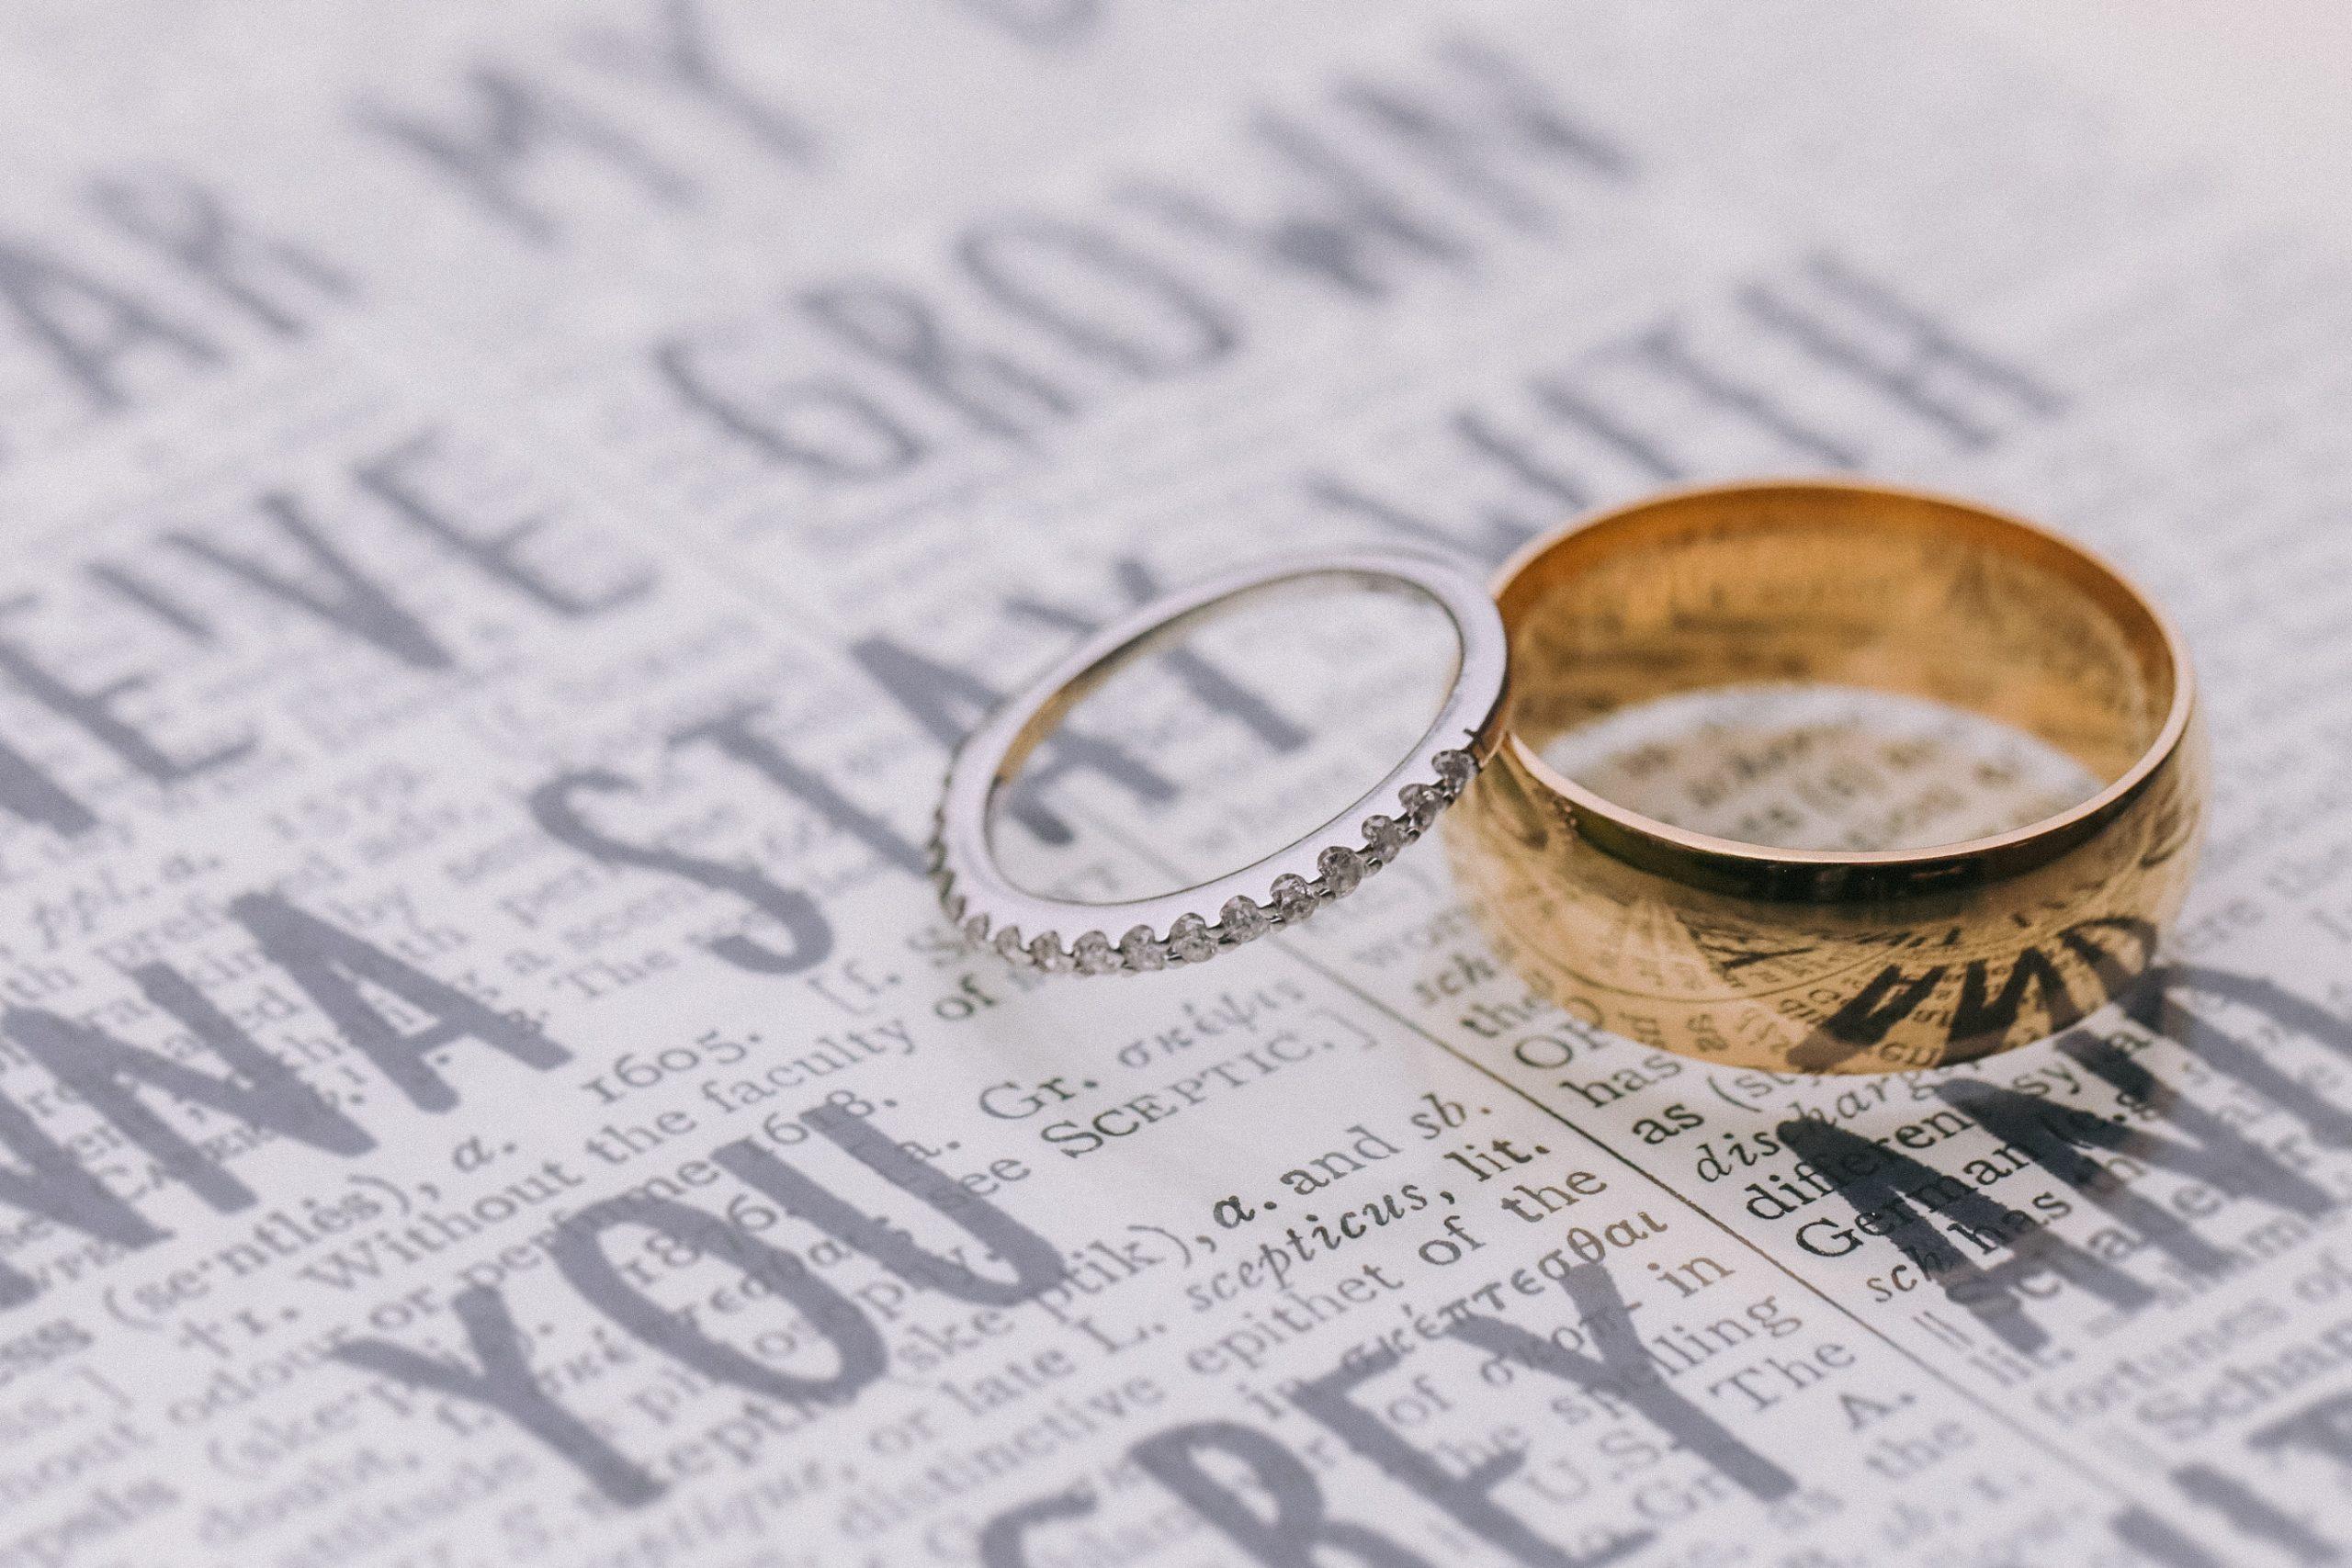 The Hilton Cobham wedding photography